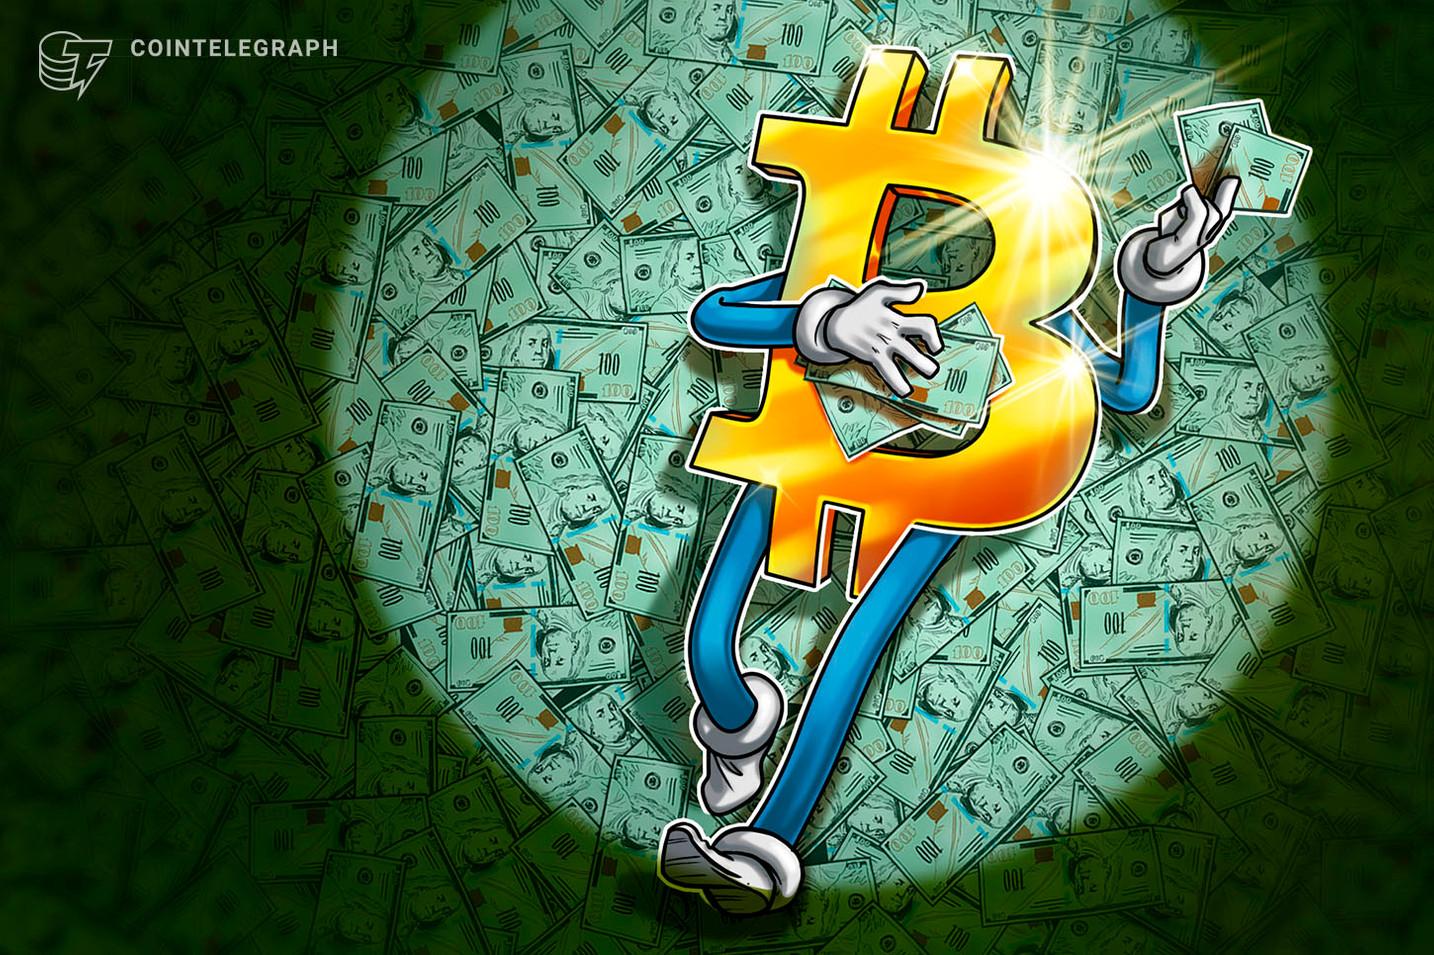 Preço do Bitcoin mantém faixa de preço; gestora com US$ 10 bilhões em ativos compra 10.000 BTC